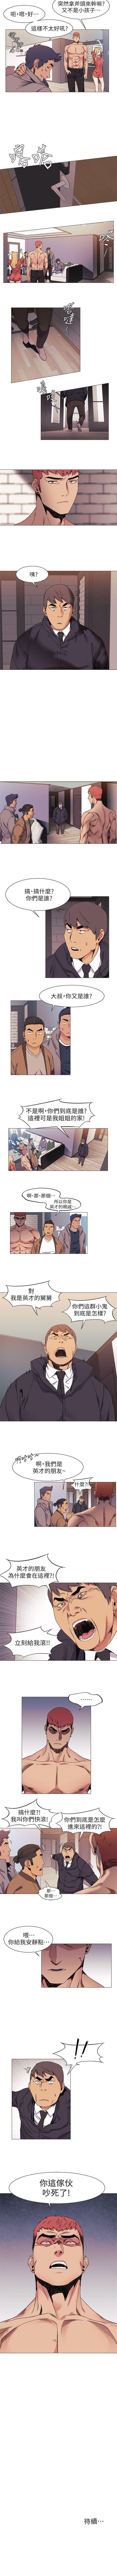 (週5)衝突 1-91 中文翻譯 (更新中) 142